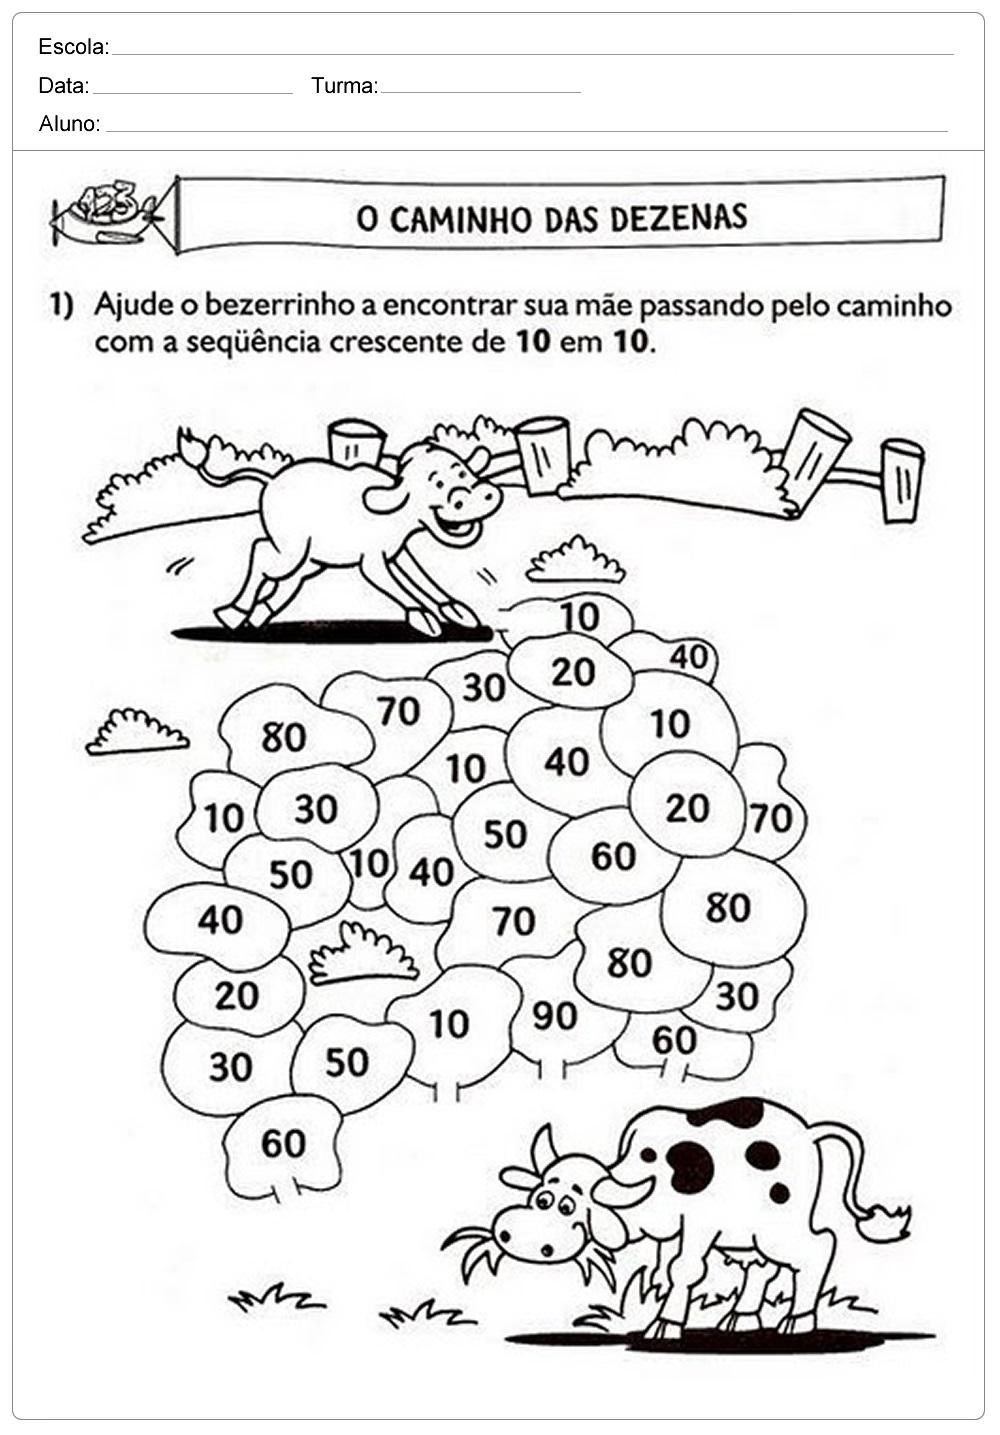 As melhores atividades de matemática 1° ano para imprimir com exercícios de soma com dedinhos, contendo questões organizados e de fácil entendimento para os alunos já que possui imagens ilustrativas que pode ser colorida a critério do professor.